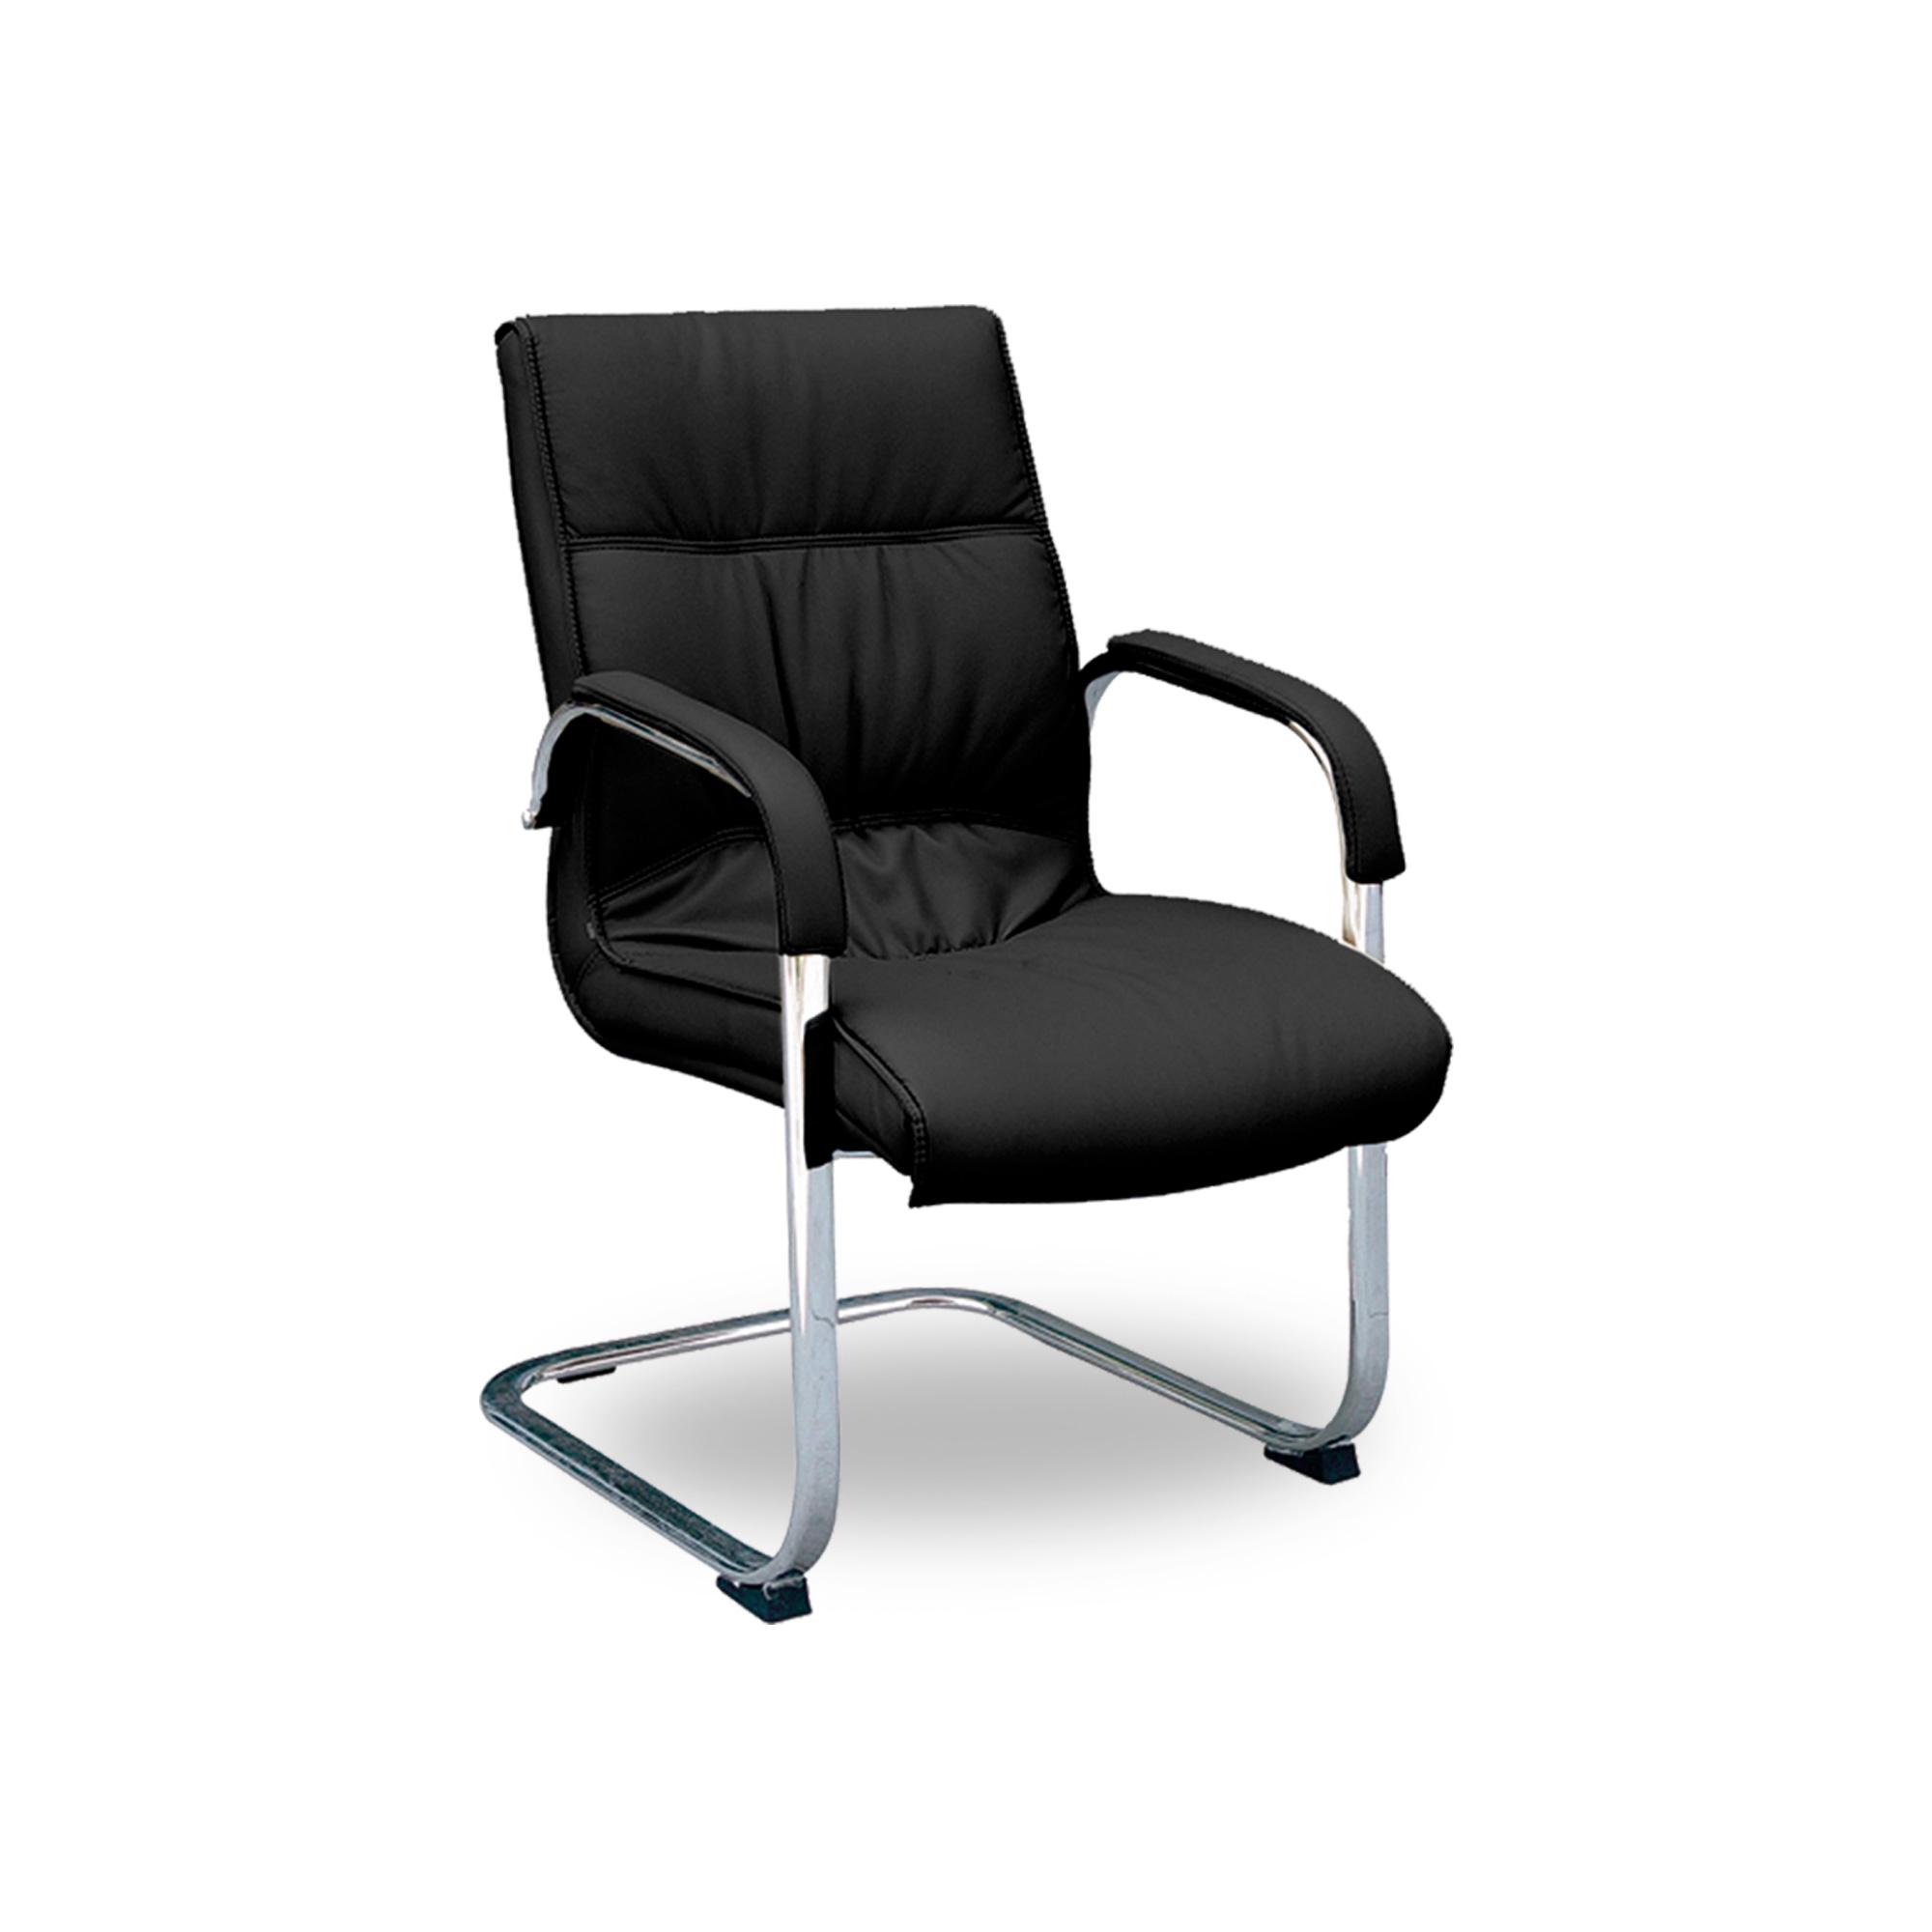 Cadeira Fixa Sky em Couro Ecológico – REF 0939 – Preta